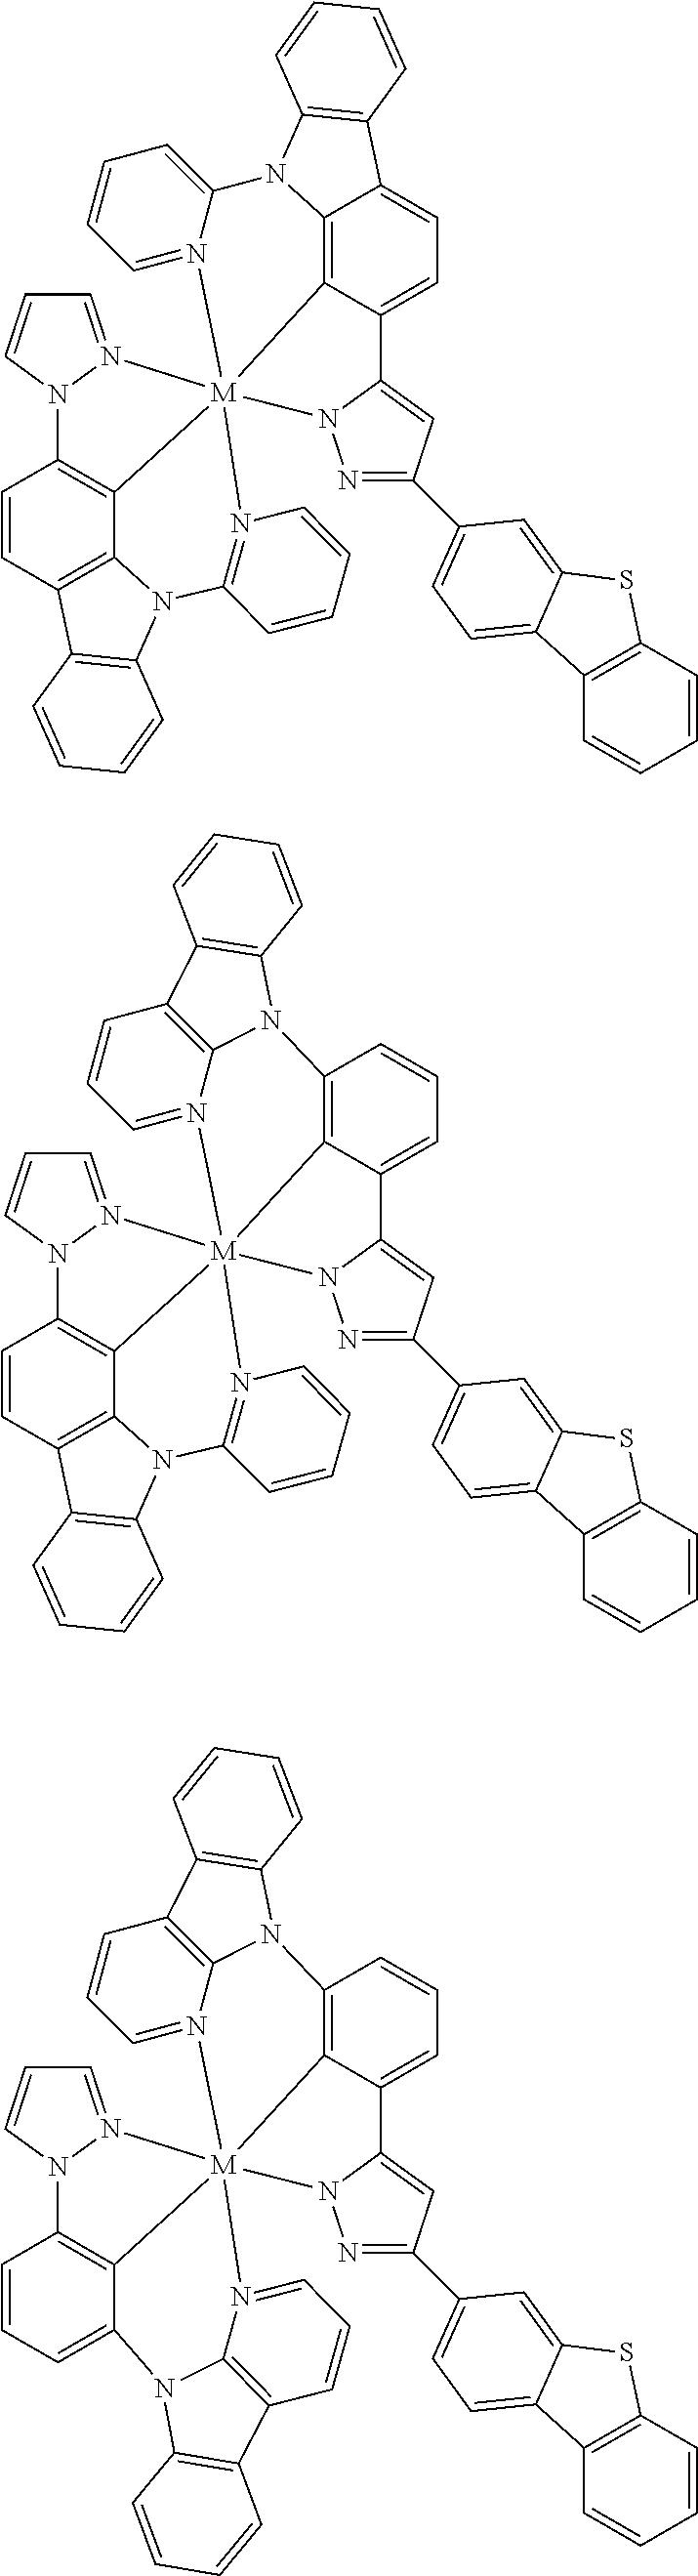 Figure US09818959-20171114-C00282